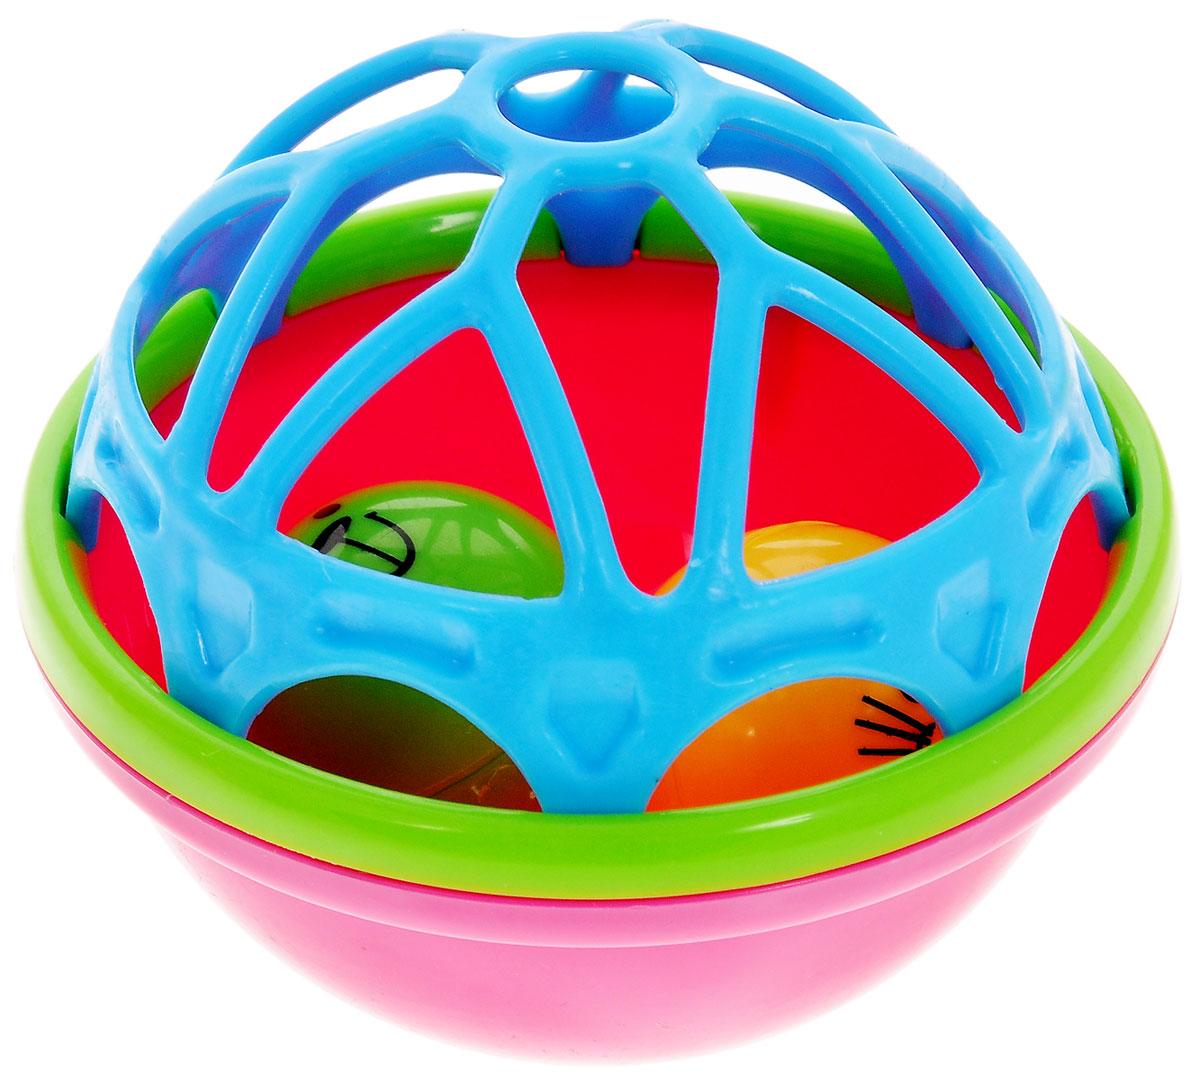 Mioshi Погремушка для ванной Лучшие друзья цвет голубой розовыйTY9066_голубой, розовыйС красочной погремушкой Лучшие друзья повседневное купание в ванной превратится для малышей в веселую забаву со всевозможными игровыми возможностями! Забавные гремящие звуки издают шарики, вращающиеся в центре погремушки. Игрушка приятна на ощупь и имеет удобную для захвата маленькими пальчиками эргономичную форму. Игрушки от Mioshi помогают малышам быстрее приспосабливаться к водной среде, а процесс принятия водных процедур делают веселым и увлекательным. Игра с погремушкой способствует развитию мелкой моторики, восприятия формы и цвета предметов, а также слуха и зрения. Выполнена погремушка из прочного, экологически чистого и высококачественного материала, абсолютно безопасного для детской игры.